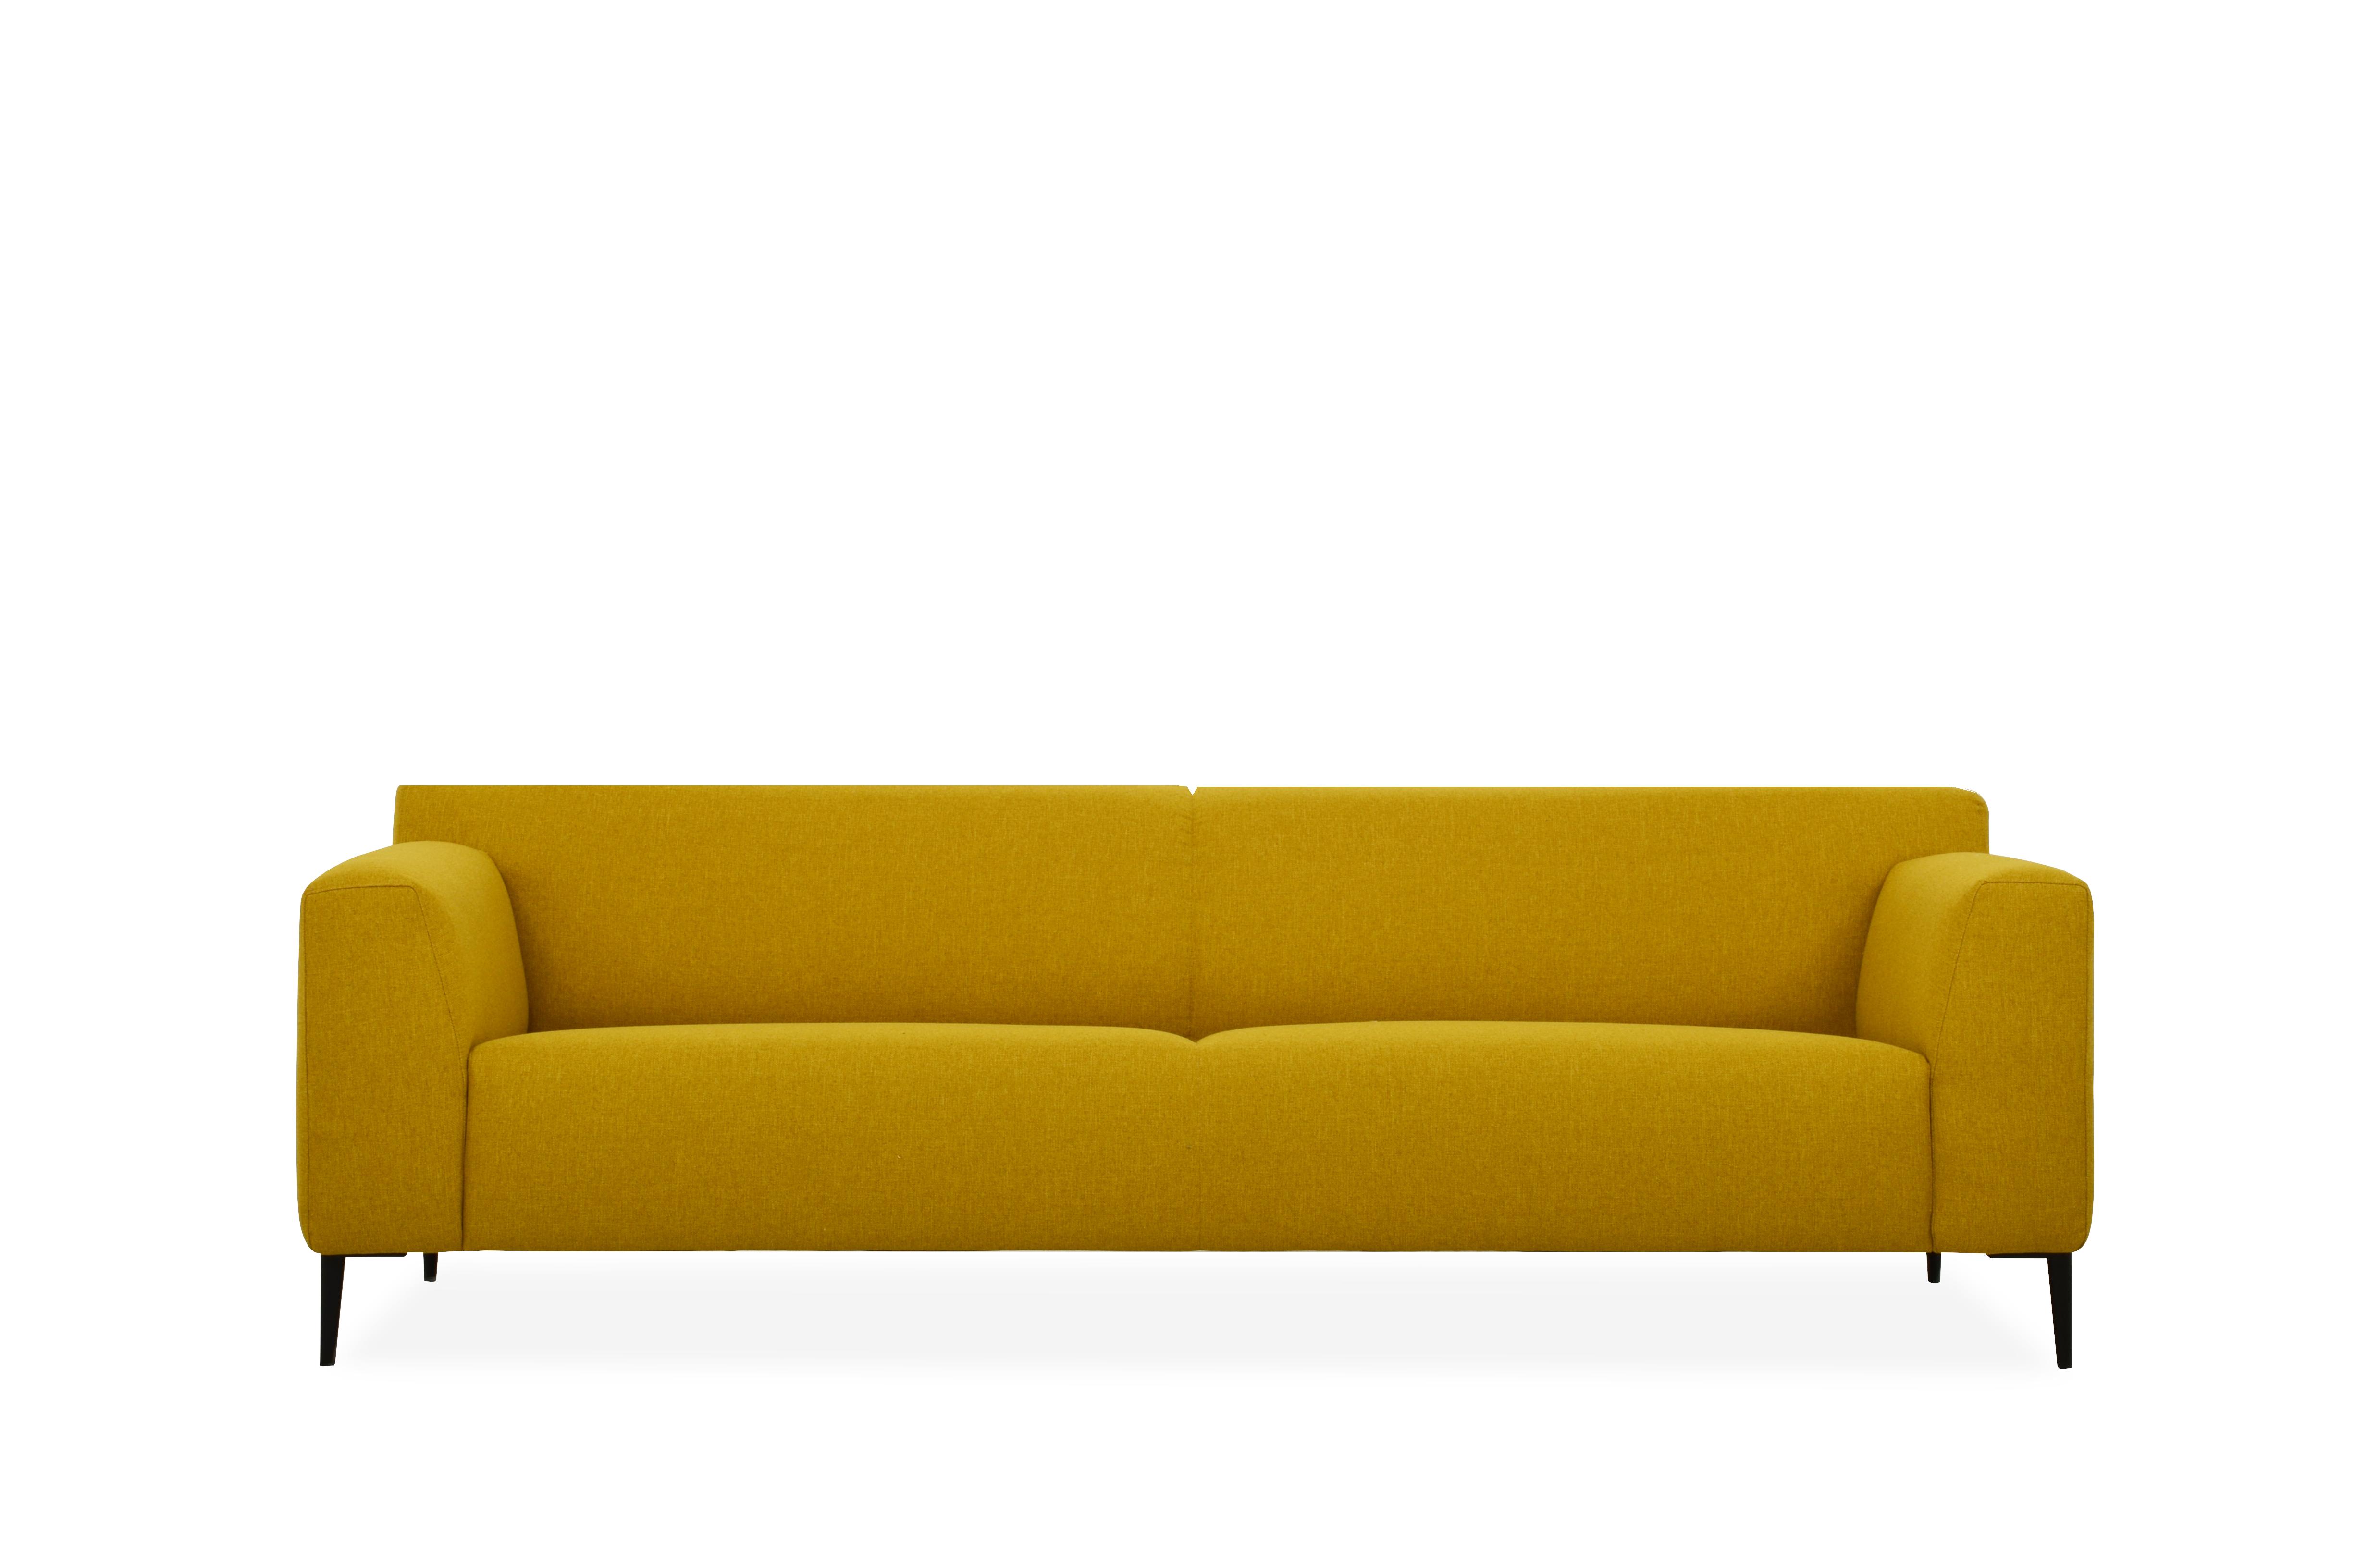 designbank maliesingel mosterd geel strak model ronde vorm